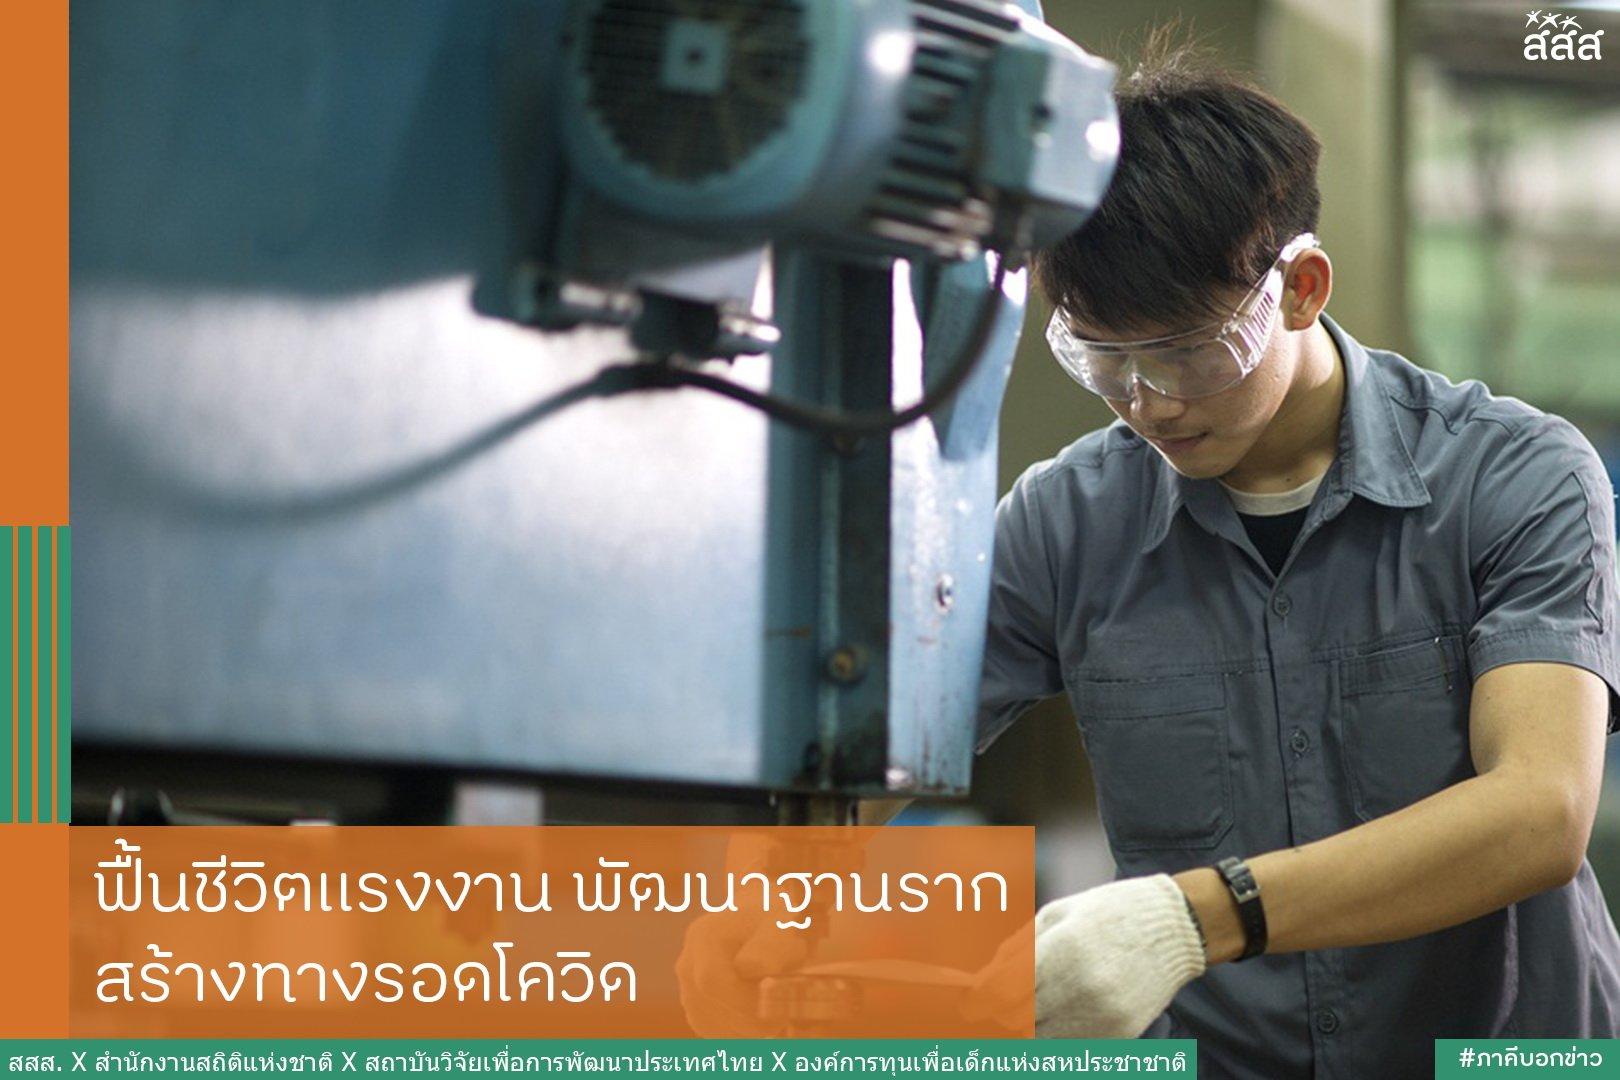 ฟื้นชีวิตแรงงาน พัฒนาฐานราก สร้างทางรอดโควิด thaihealth